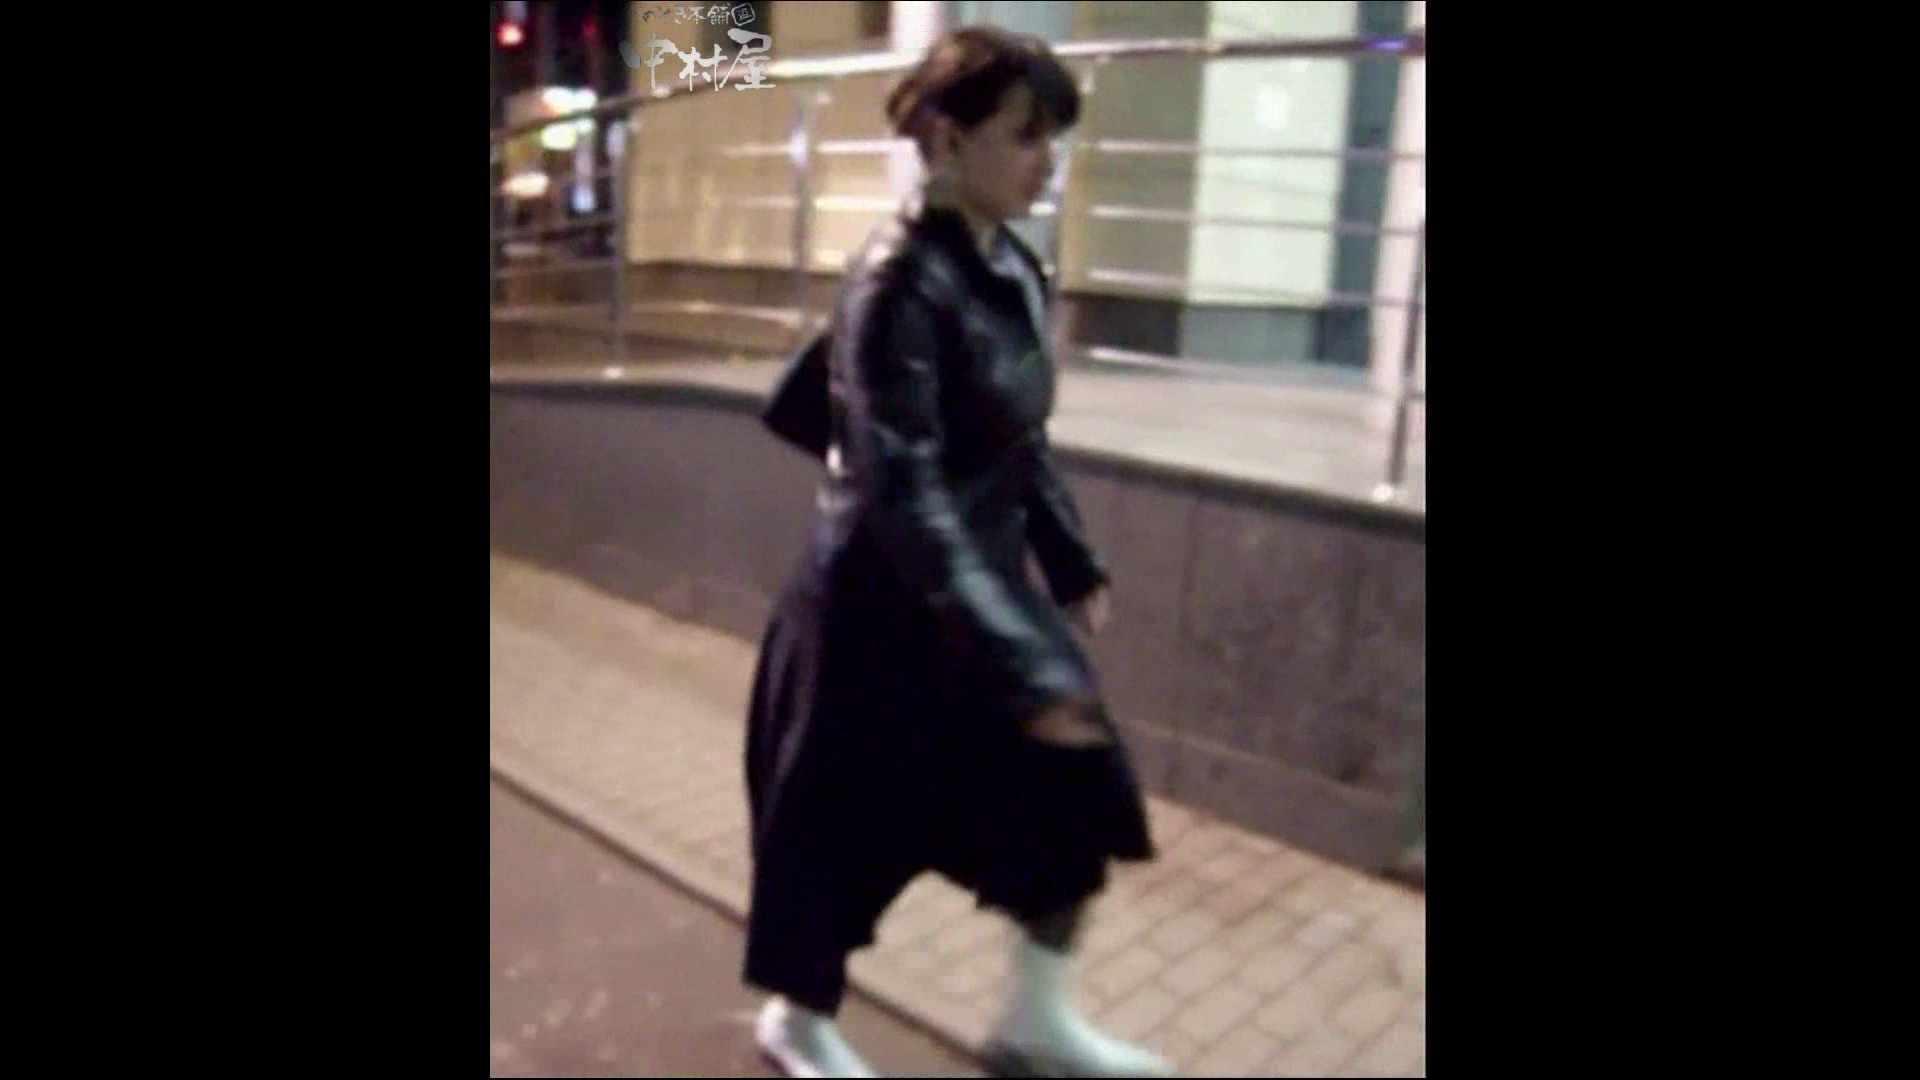 綺麗なモデルさんのスカート捲っちゃおう‼ vol17 お姉さんのエロ動画  94PIX 24